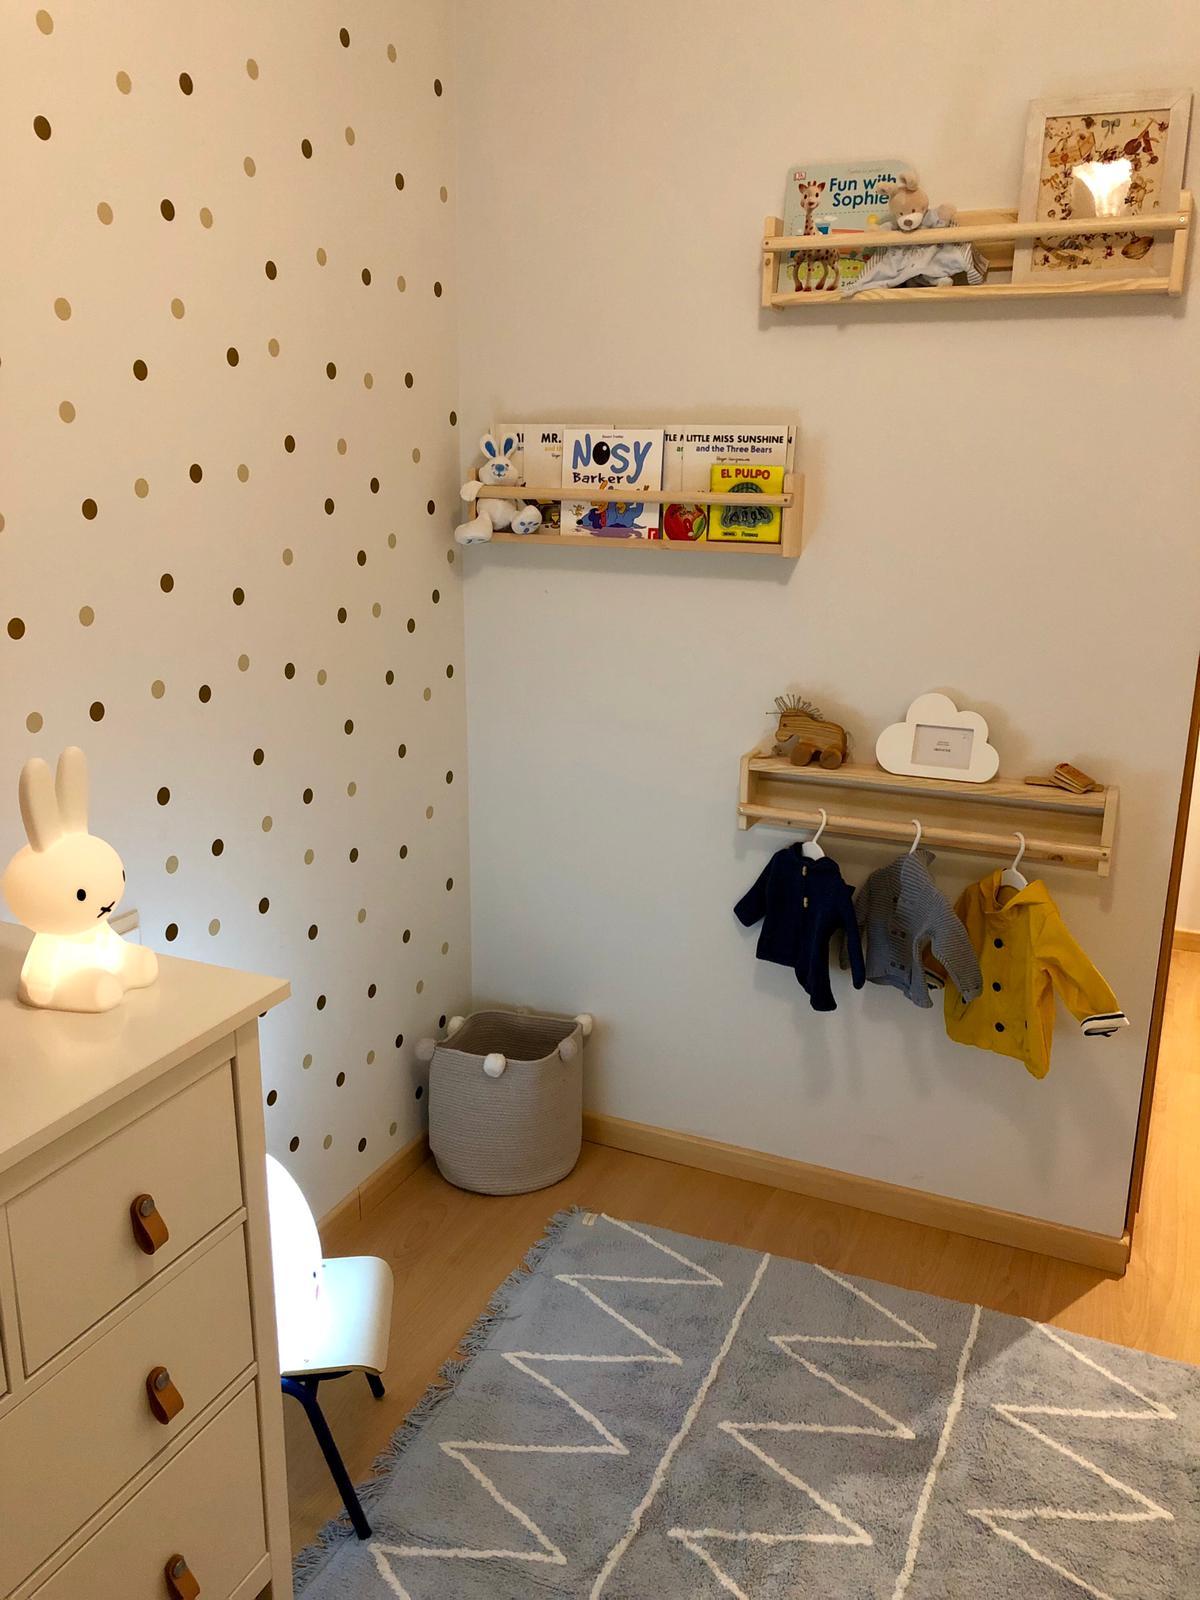 Después de proyecto de diseño de interiores infantil en tonos neutros y estilo nórdico-clásico en Madrid por Ana Utrilla @Utrillanais